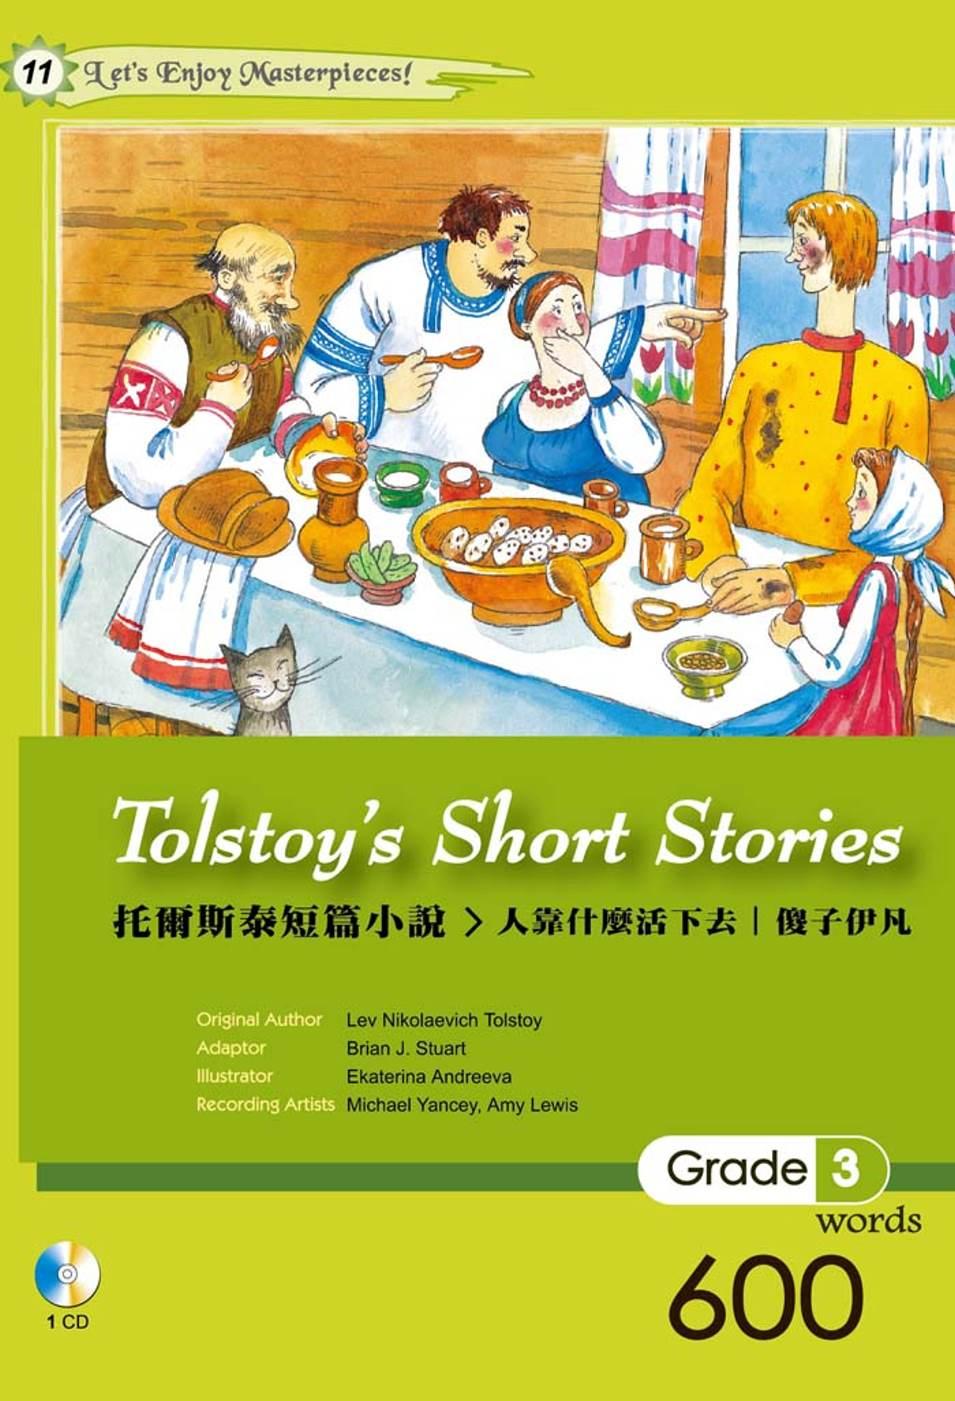 托爾斯泰短篇小說Tolstoy's Short Stories(25K軟皮精裝+1CD)